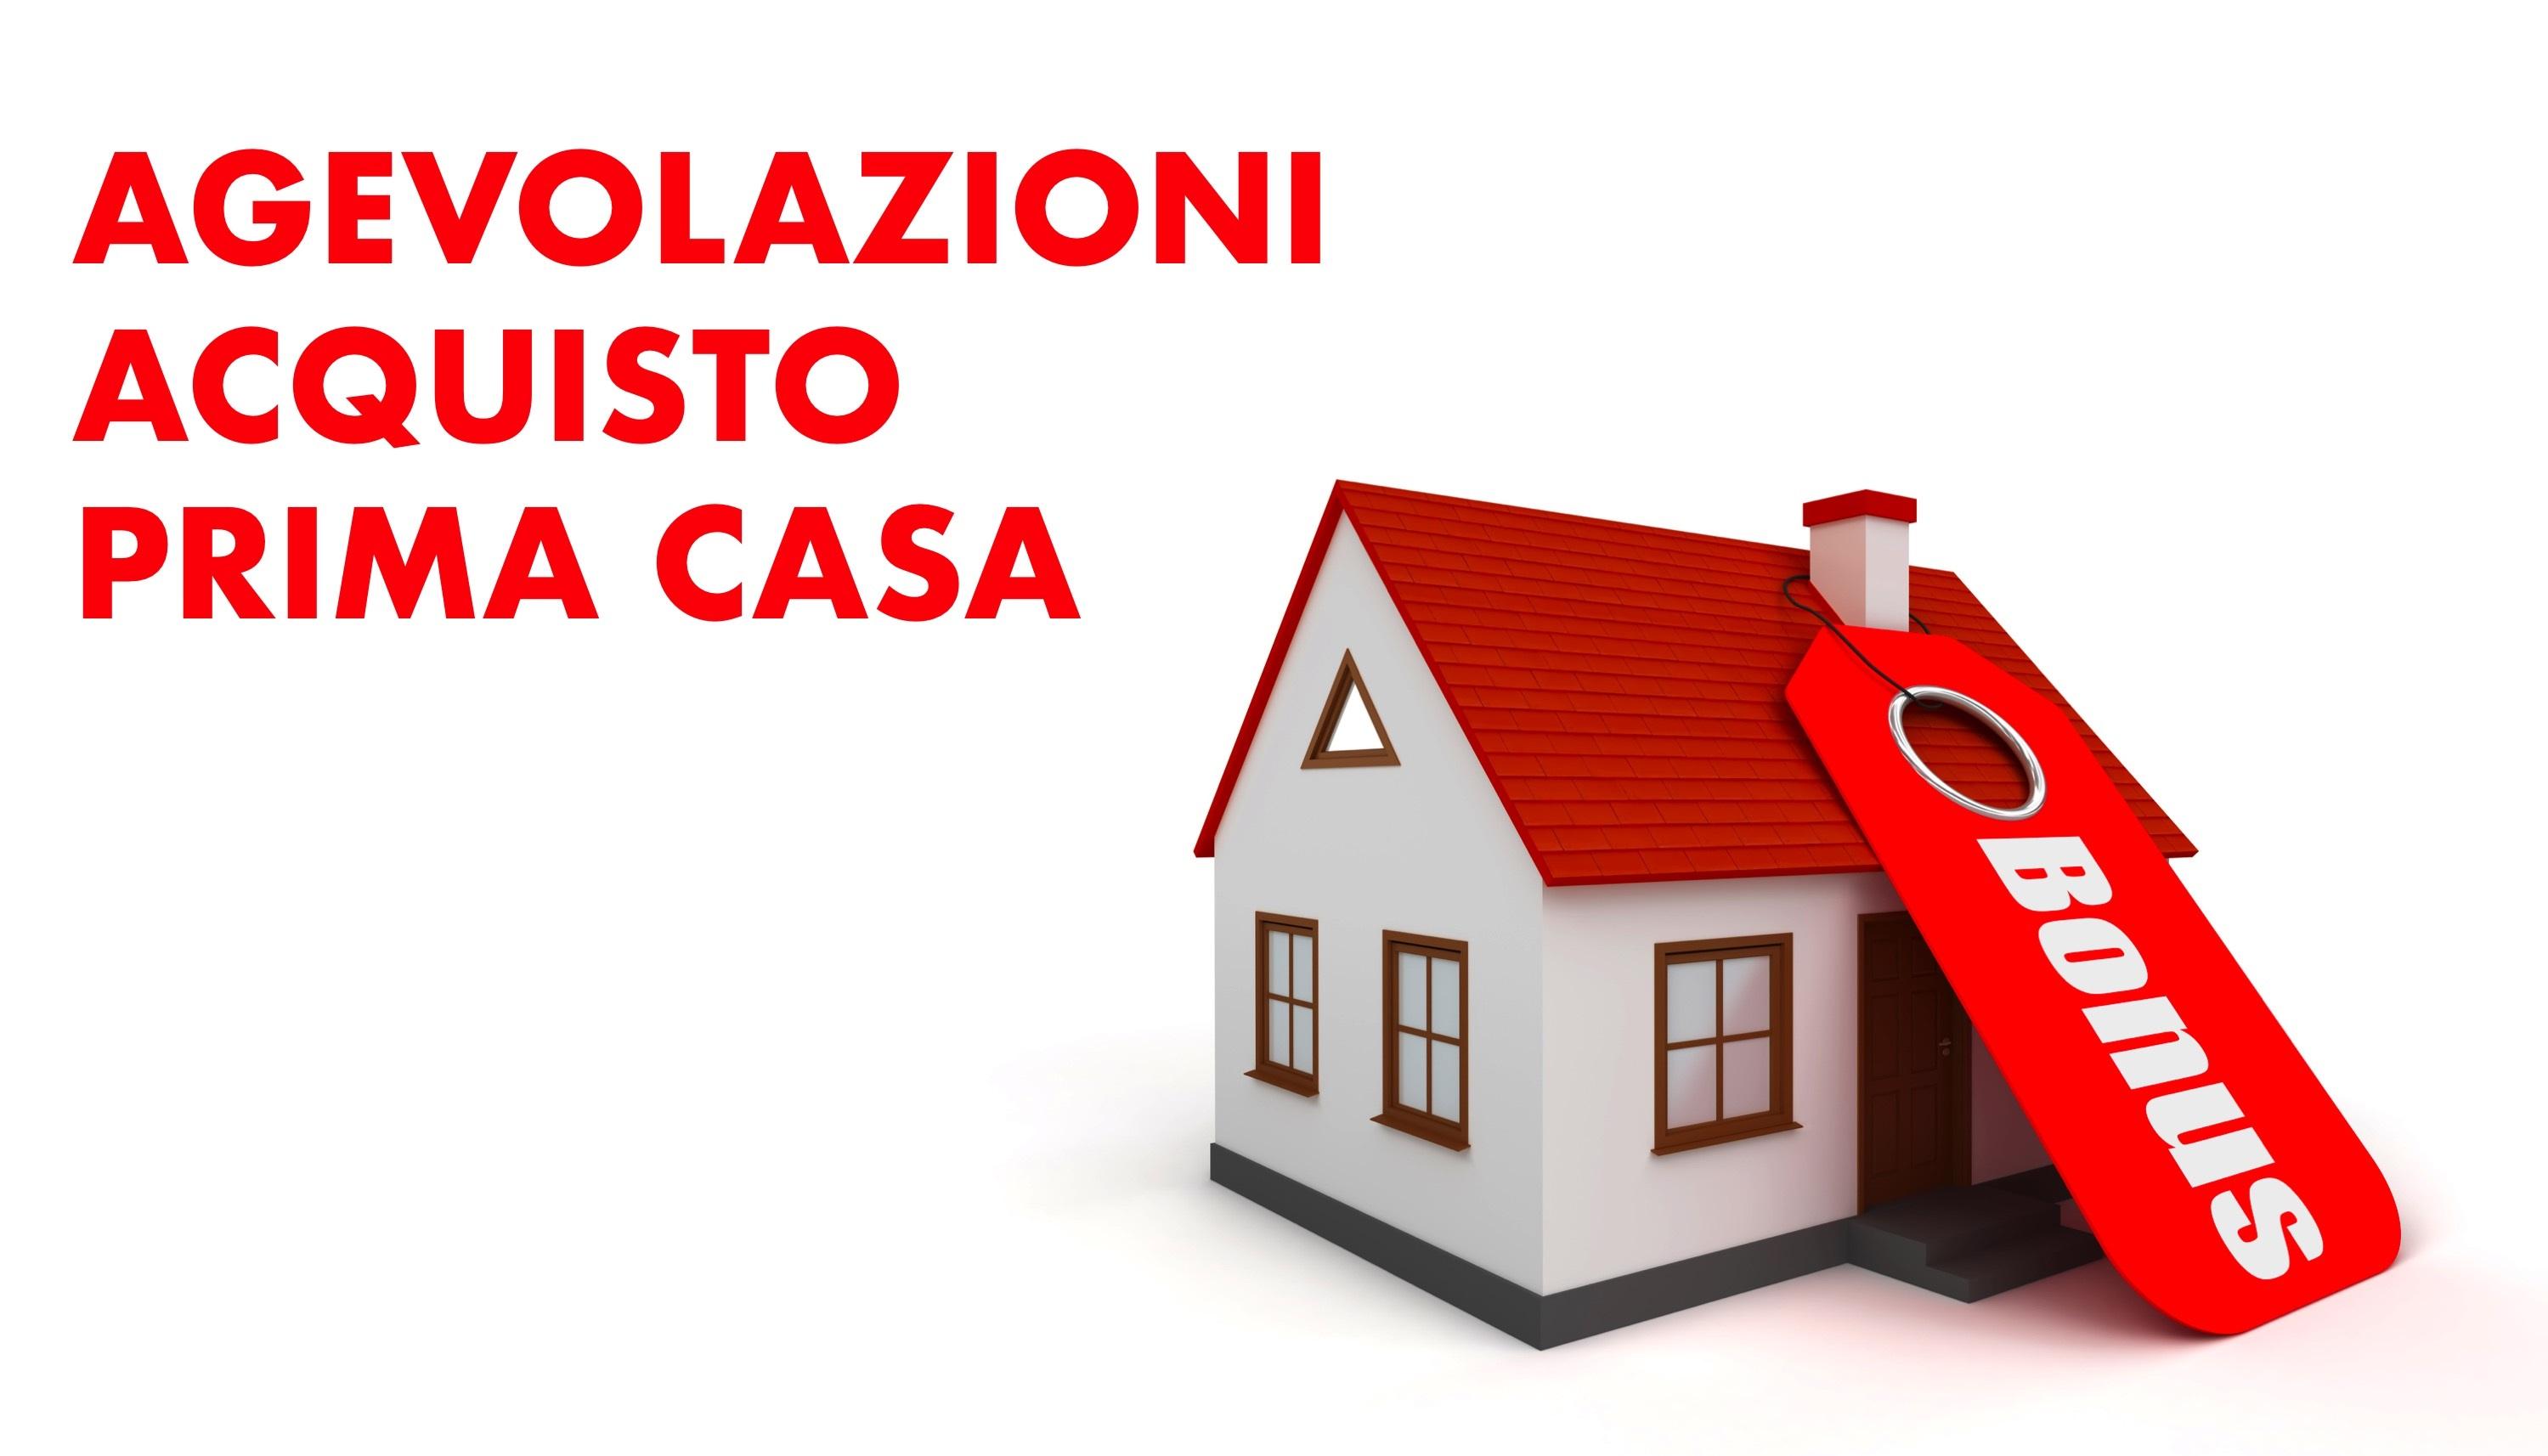 Le agevolazioni per l'acquisto della prima casa